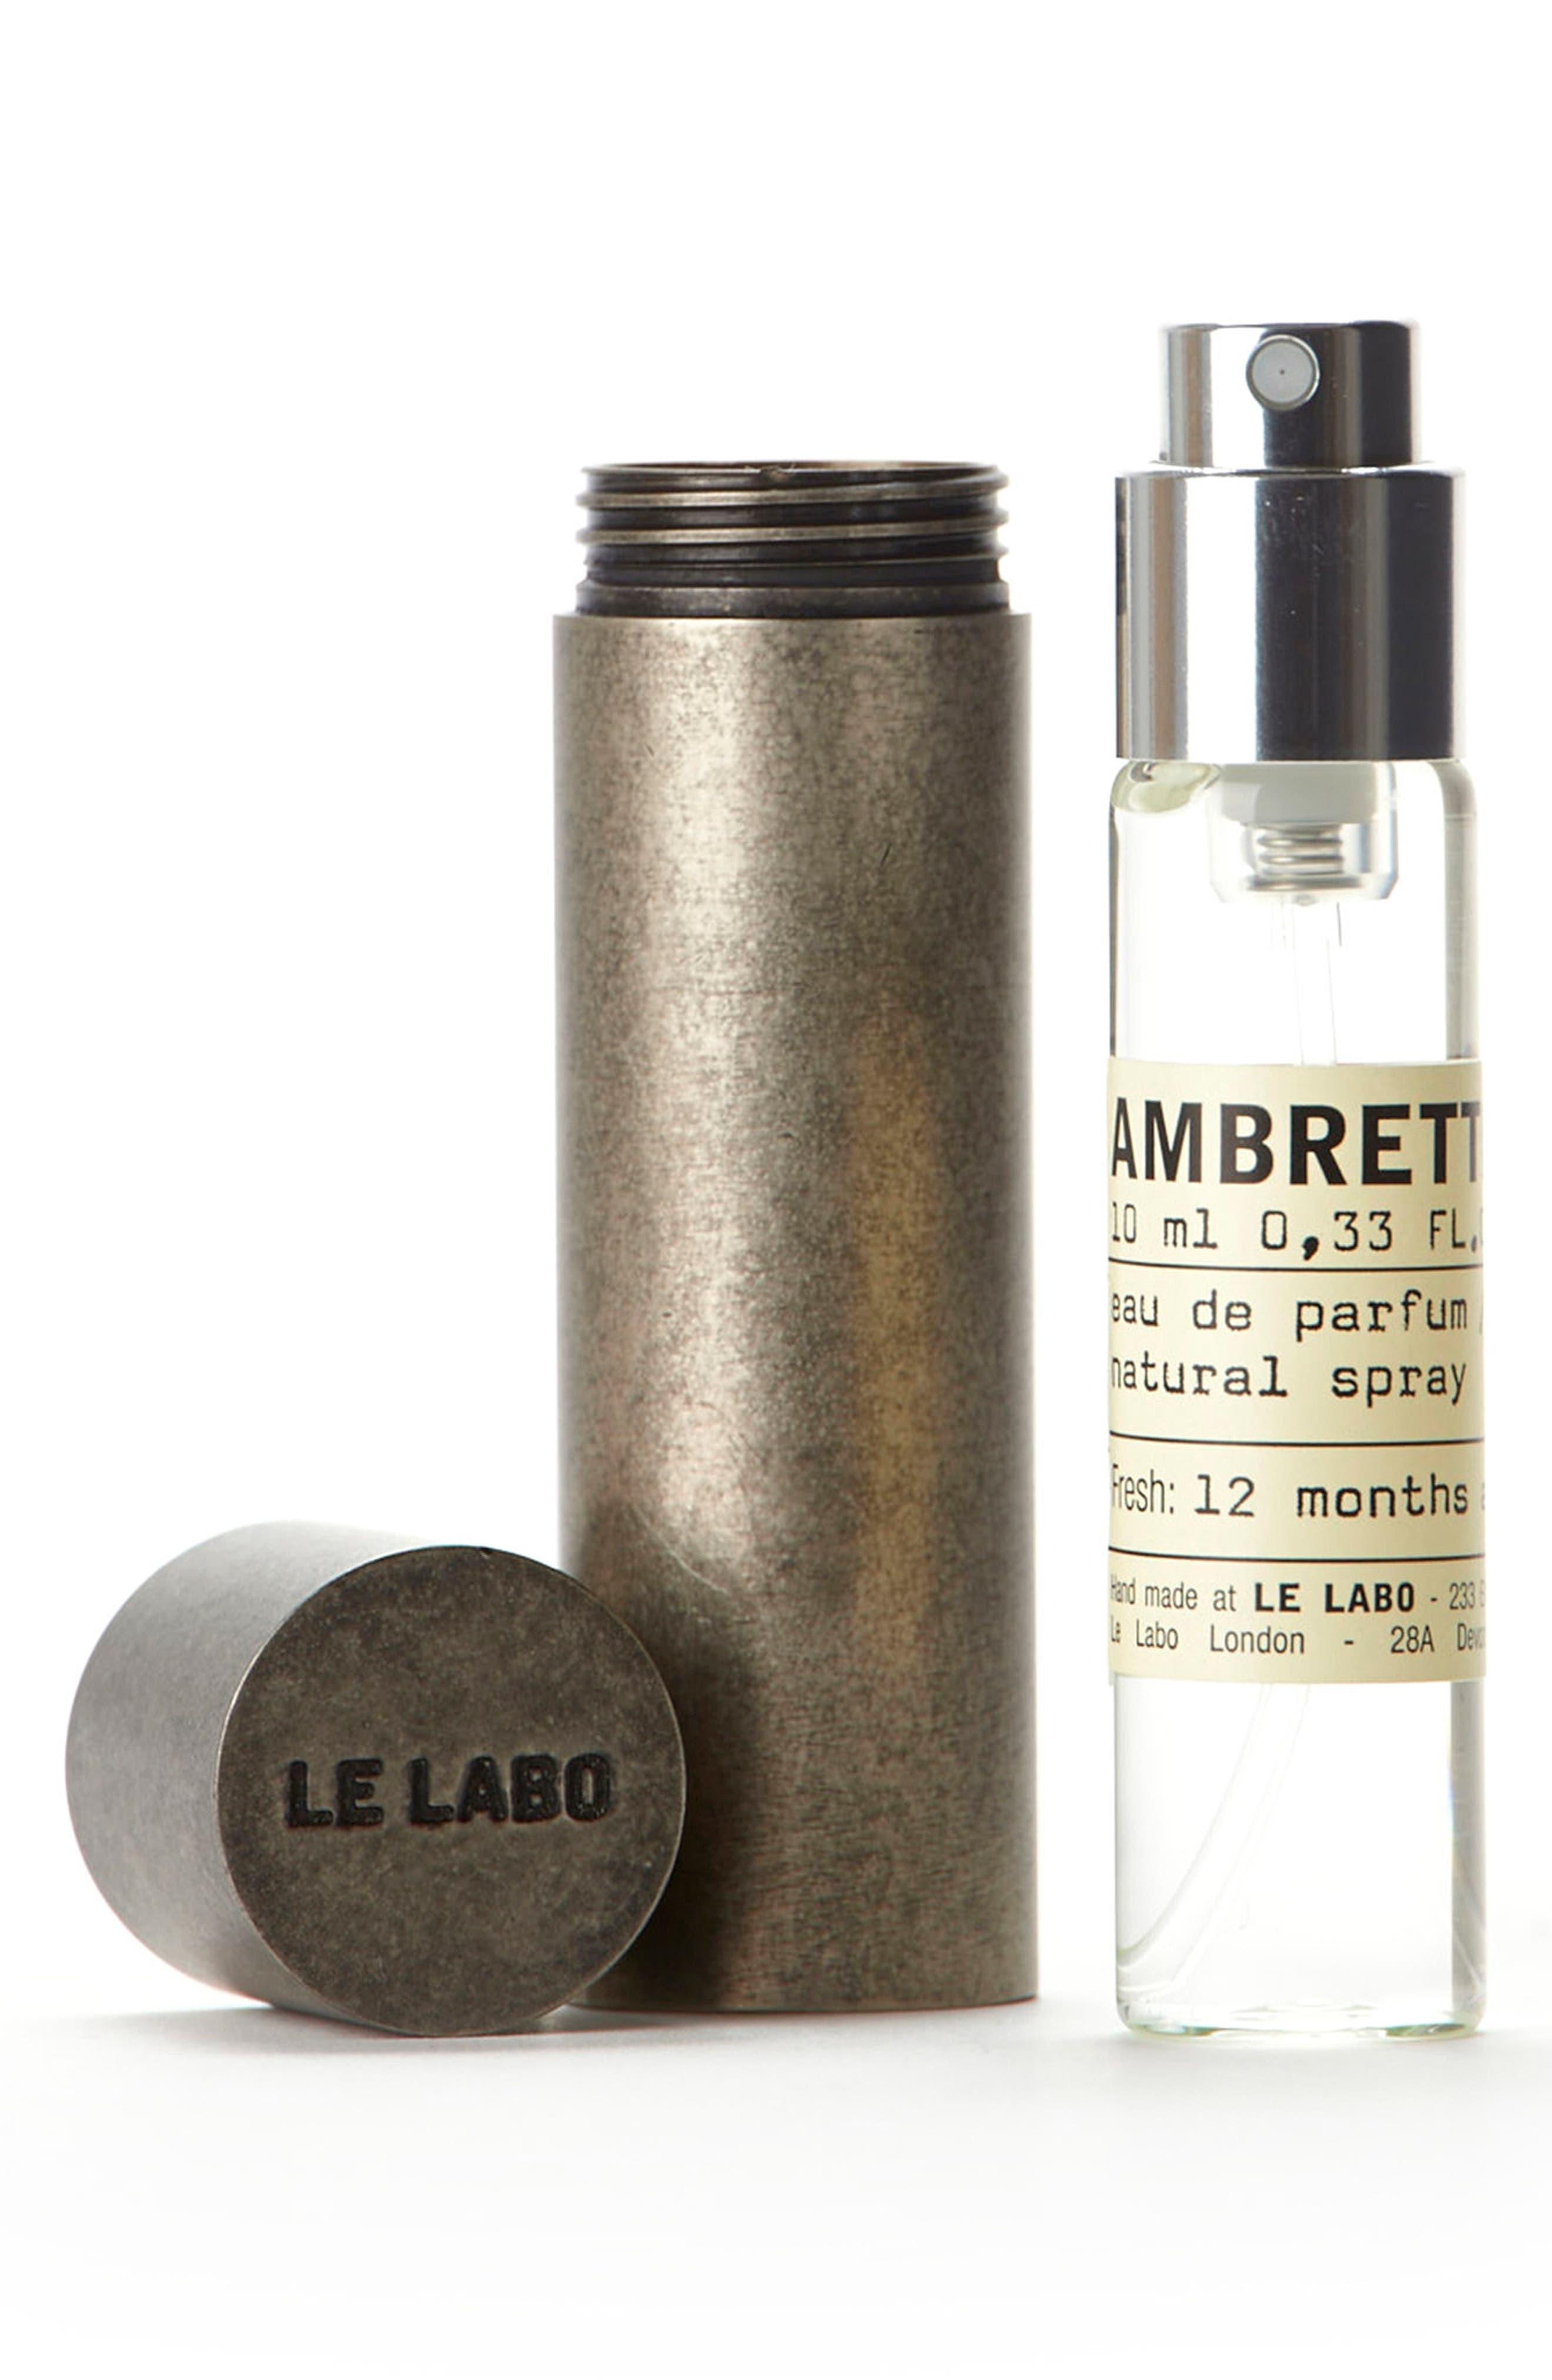 Le Labo 'Ambrette 9' Travel Tube